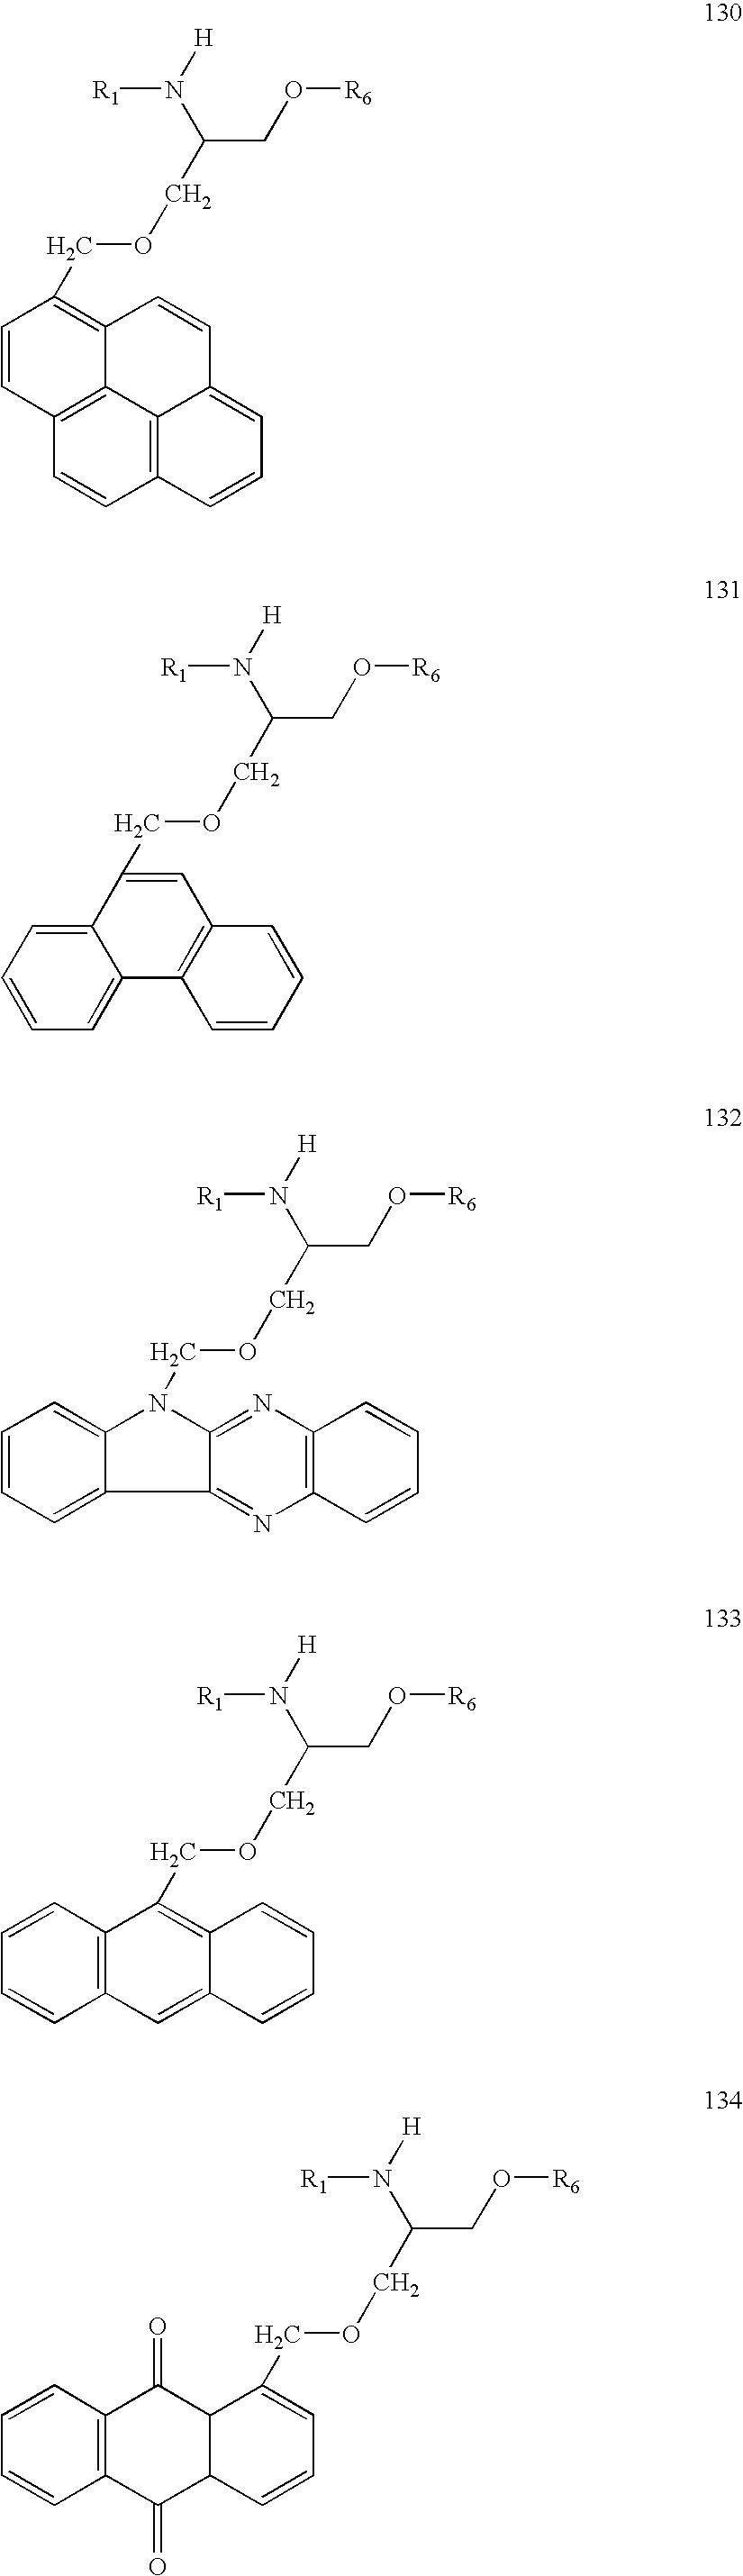 Figure US20060014144A1-20060119-C00116